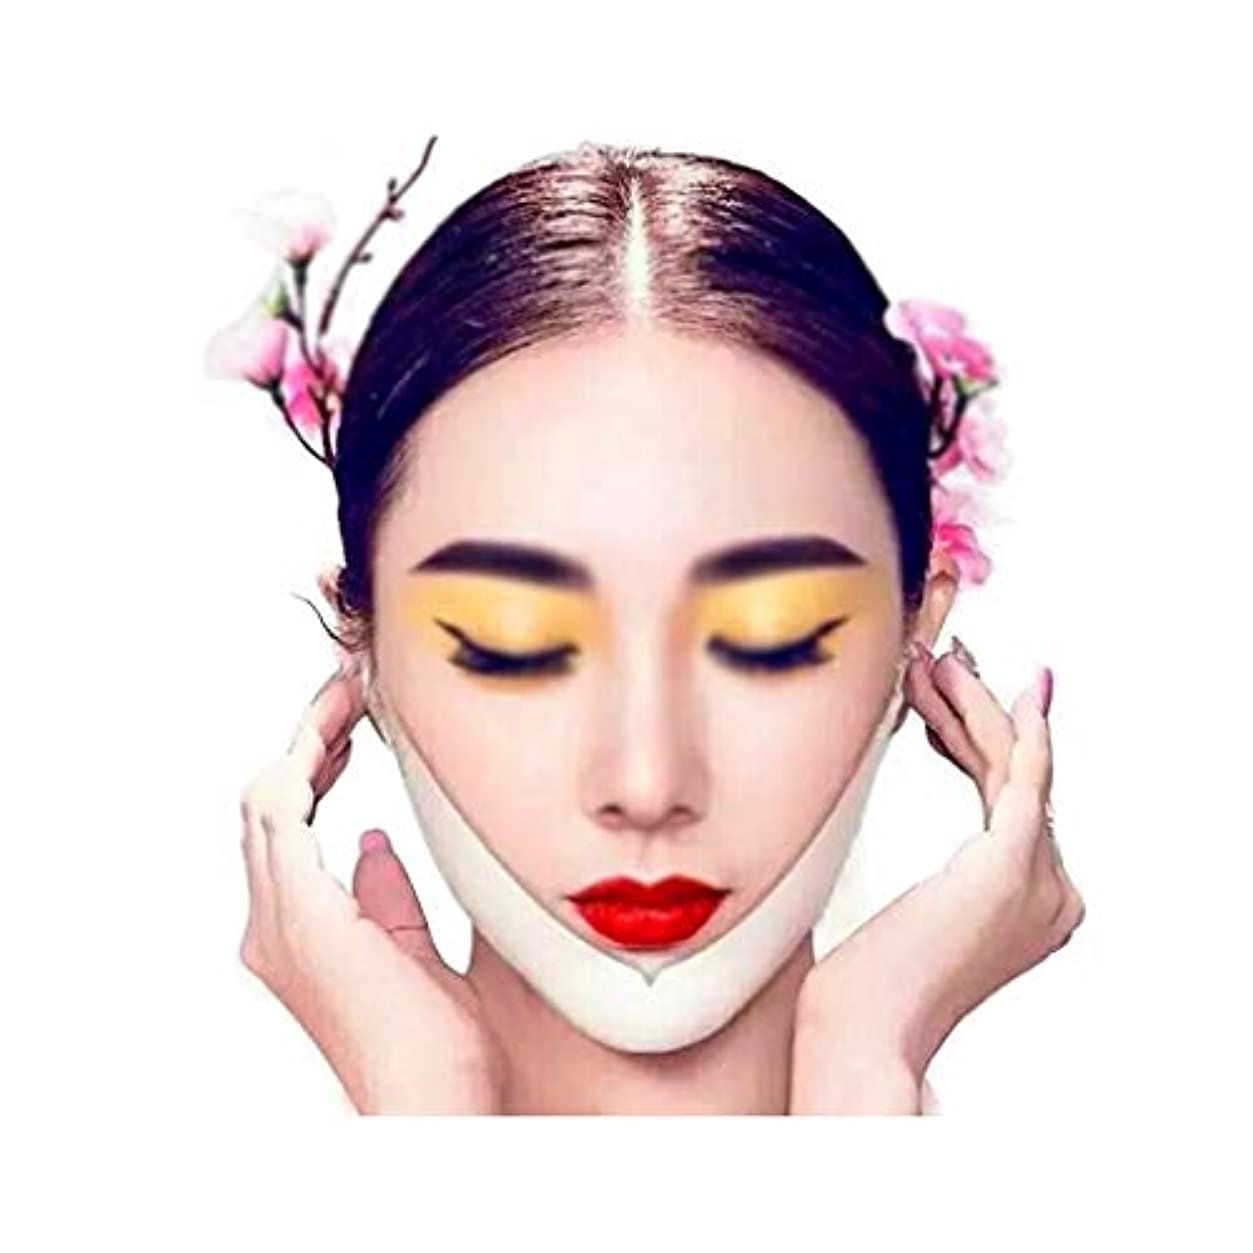 確立上昇命令XHLMRMJ 薄い顔のマスク、Vの顔の包帯、下顎の咬筋のあごを改善して顔のラインを形作る、5つのボックス、3つの顔のマスク